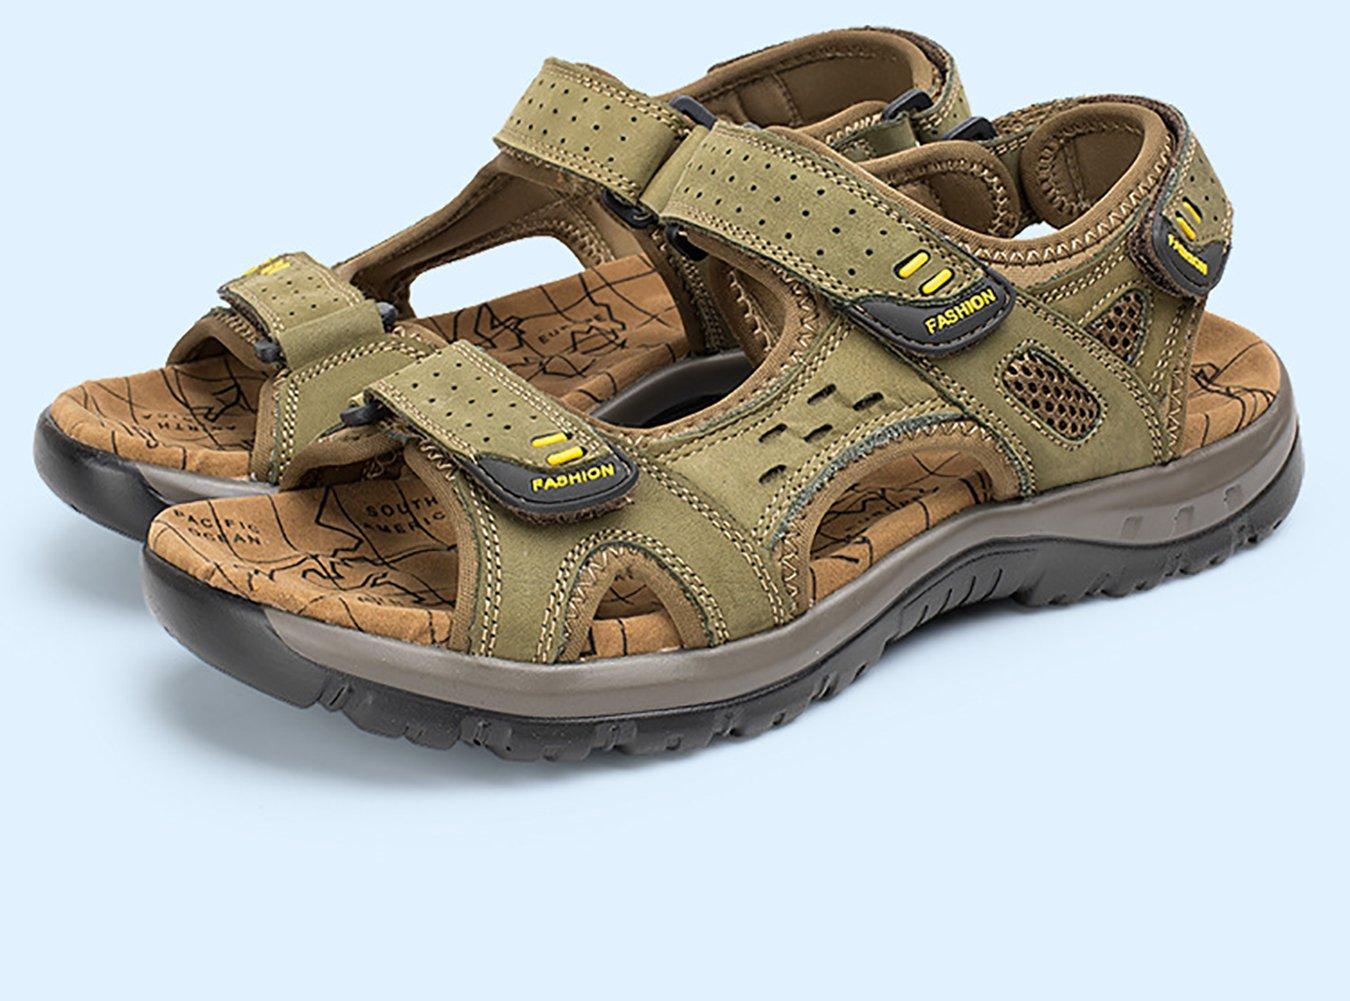 DHFUD Zapatos De Verano Para Hombres Sandalias Y Zapatillas Coreanas Zapatos  De Playa Chancletas De Cuero 0d0a55ac0a0ec